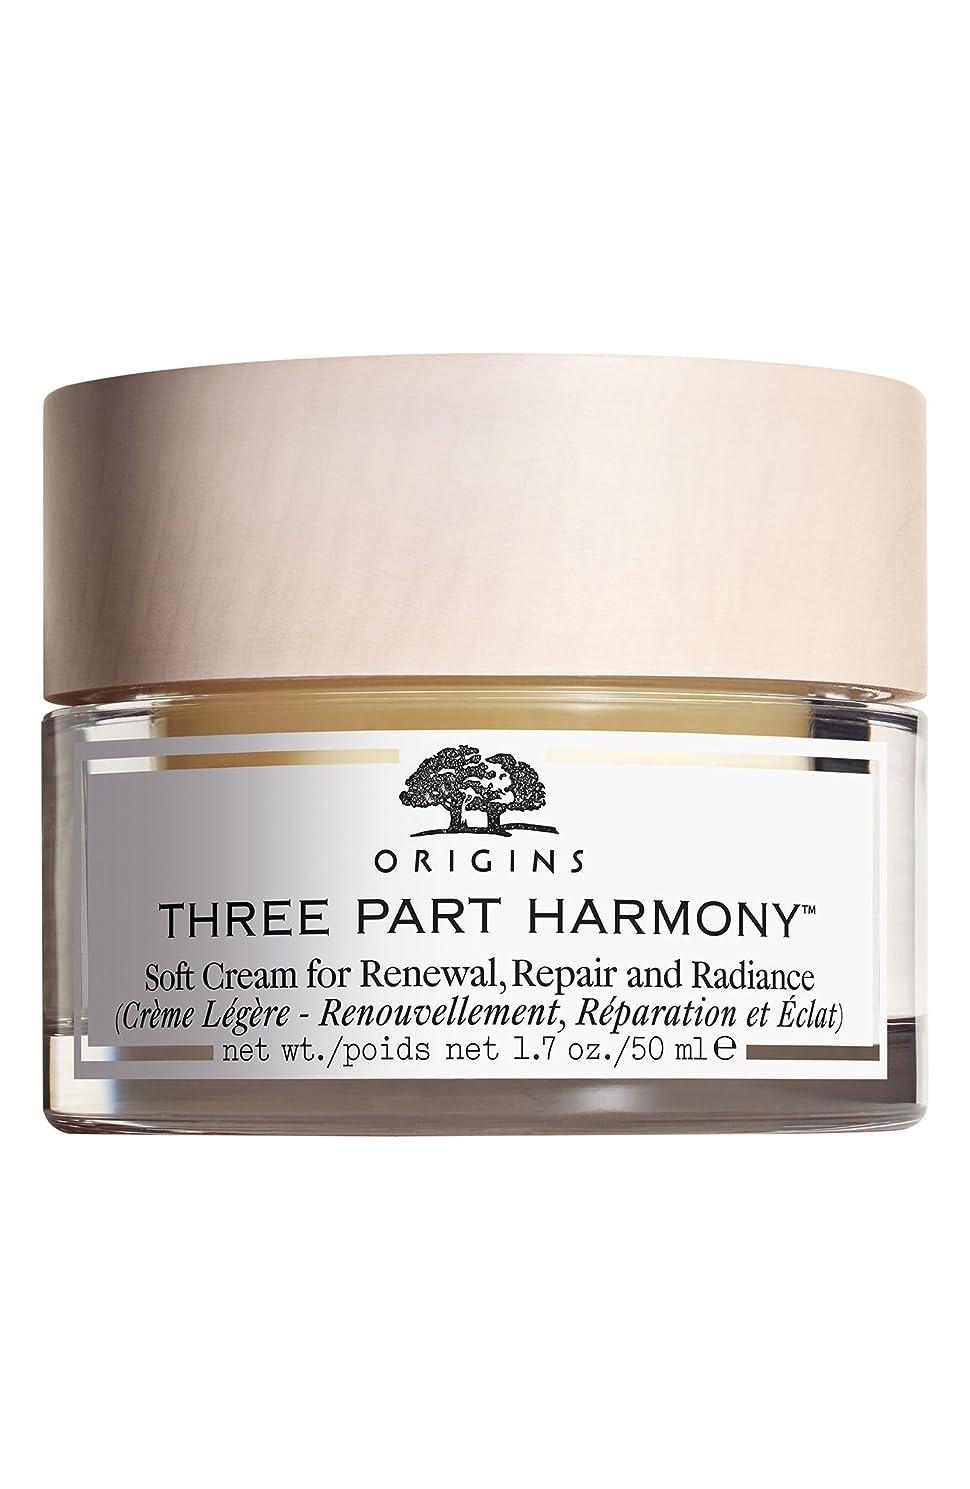 バブル両方散逸オリジンズ Three Part Harmony Soft Cream for Renewal, Repair and Radiance - 50ml 並行輸入品